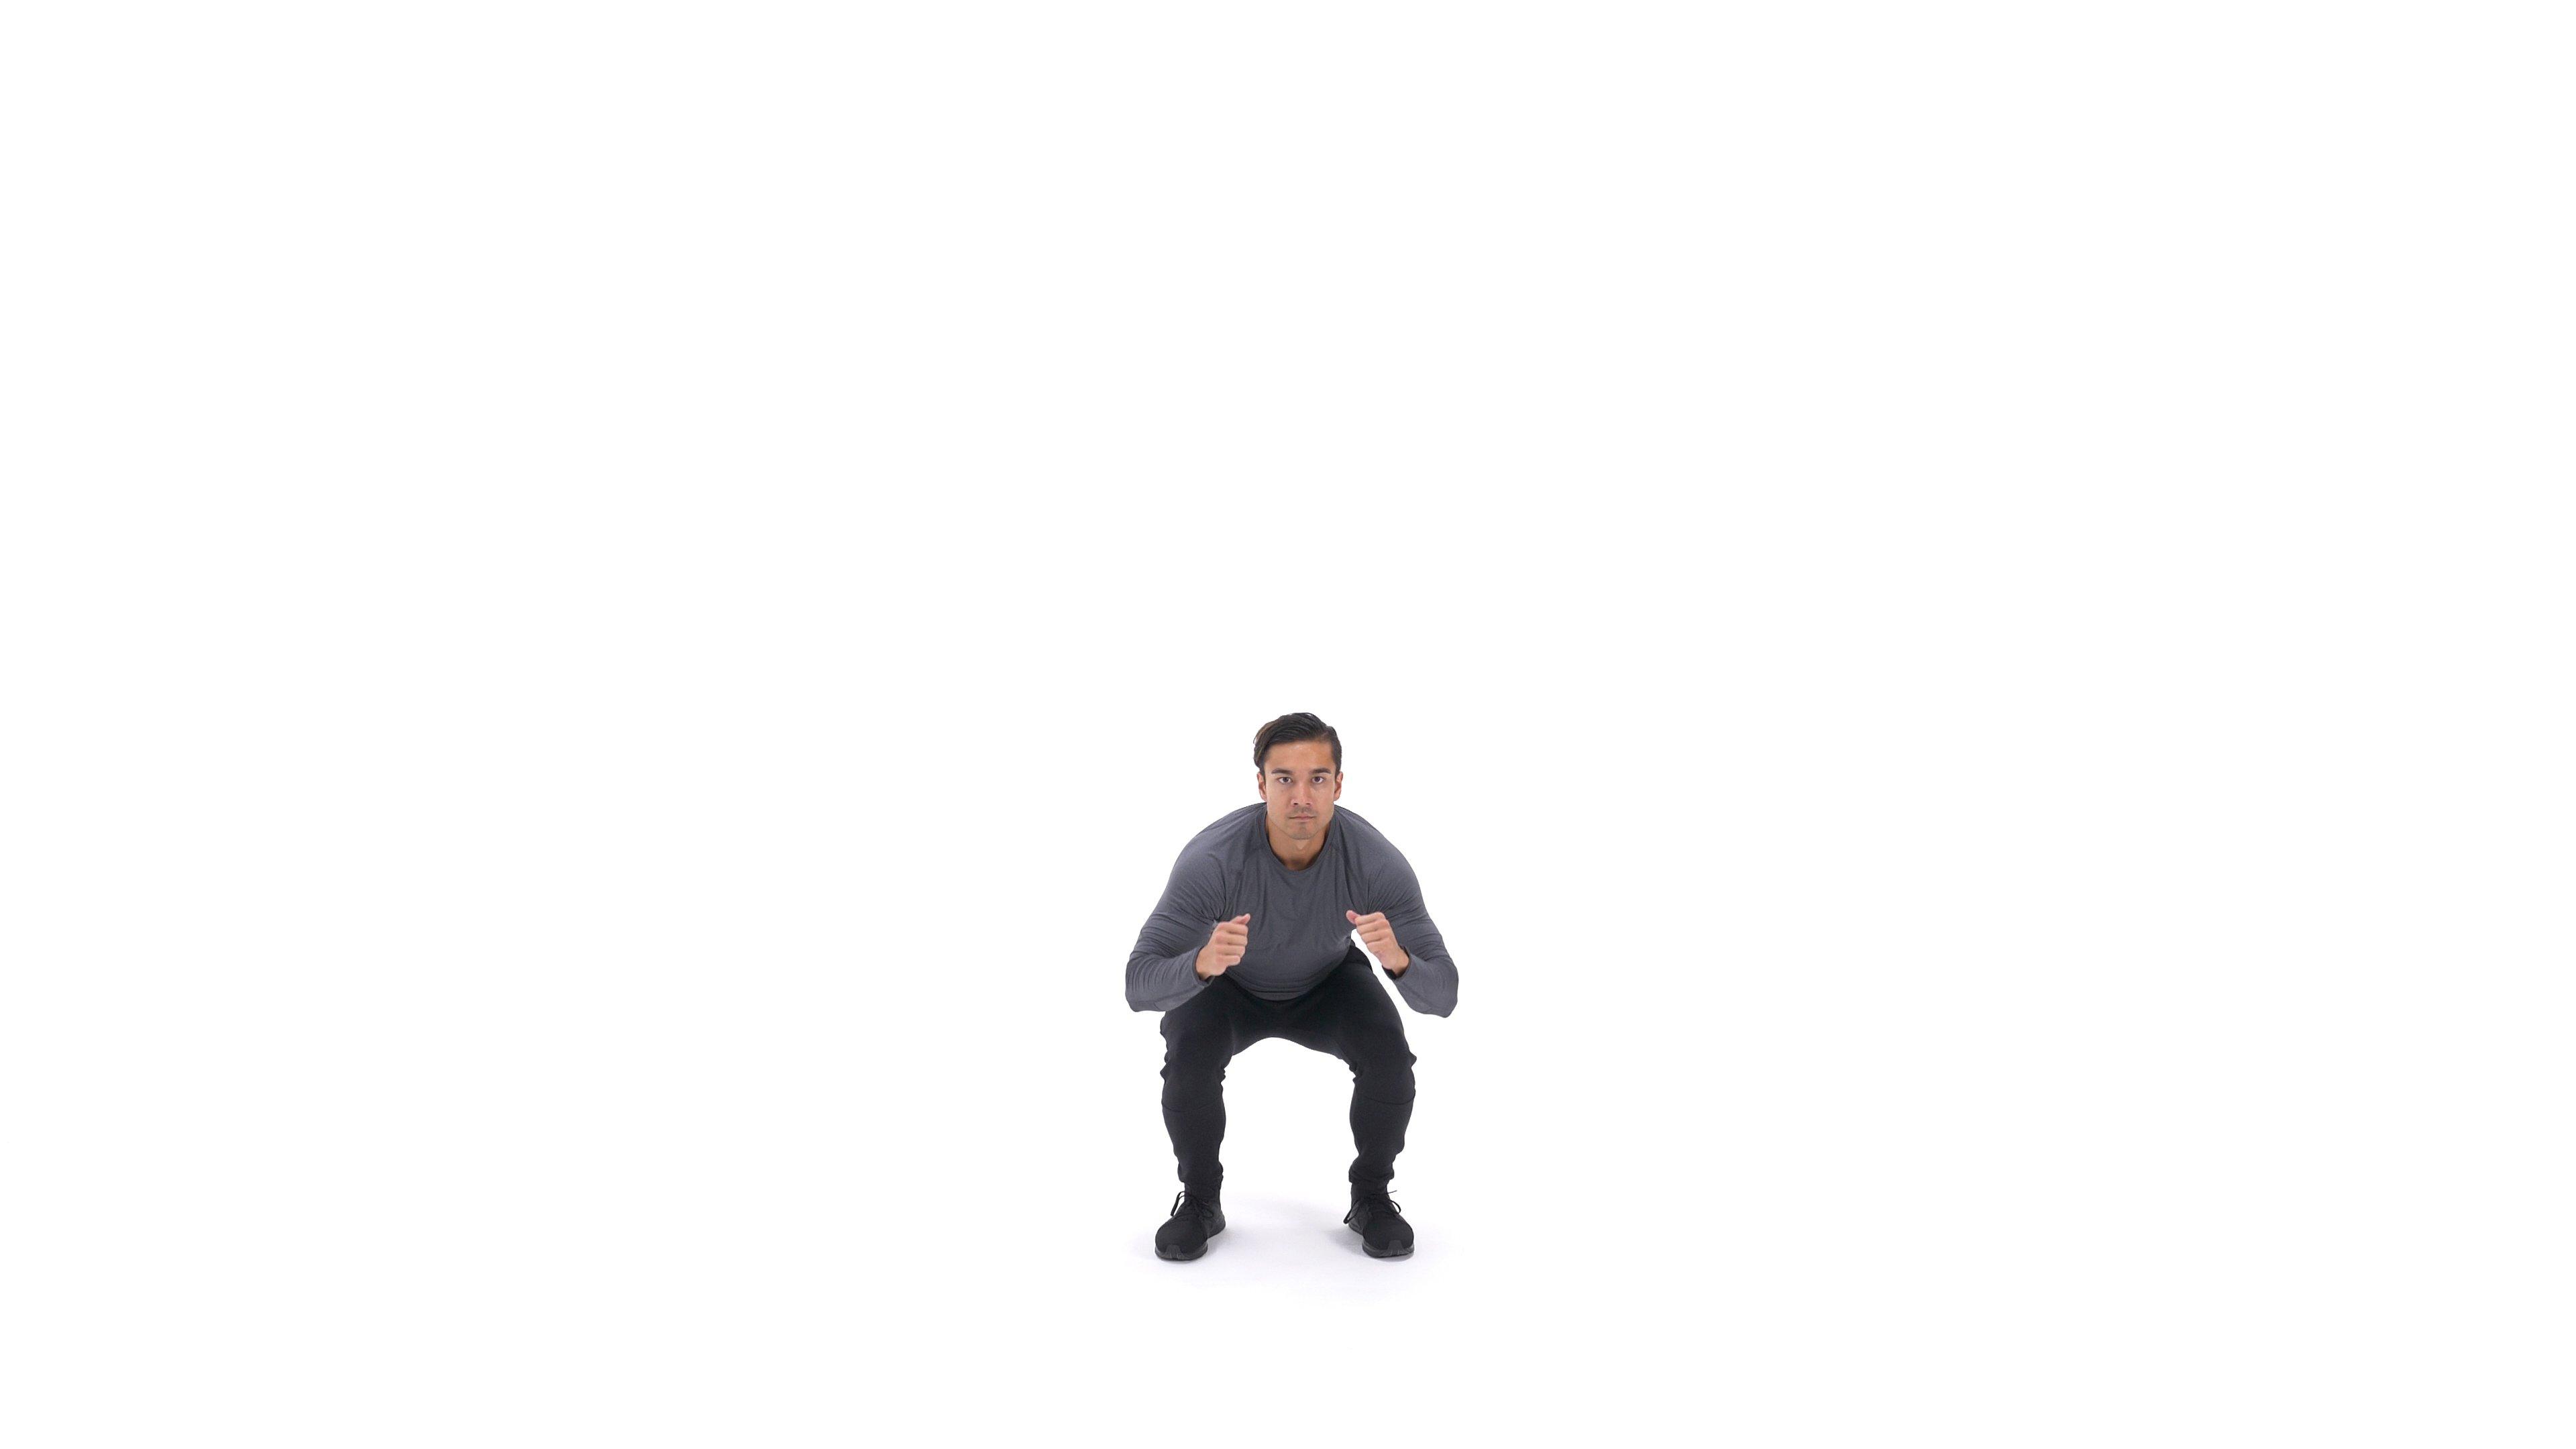 Knee Tuck Jump image